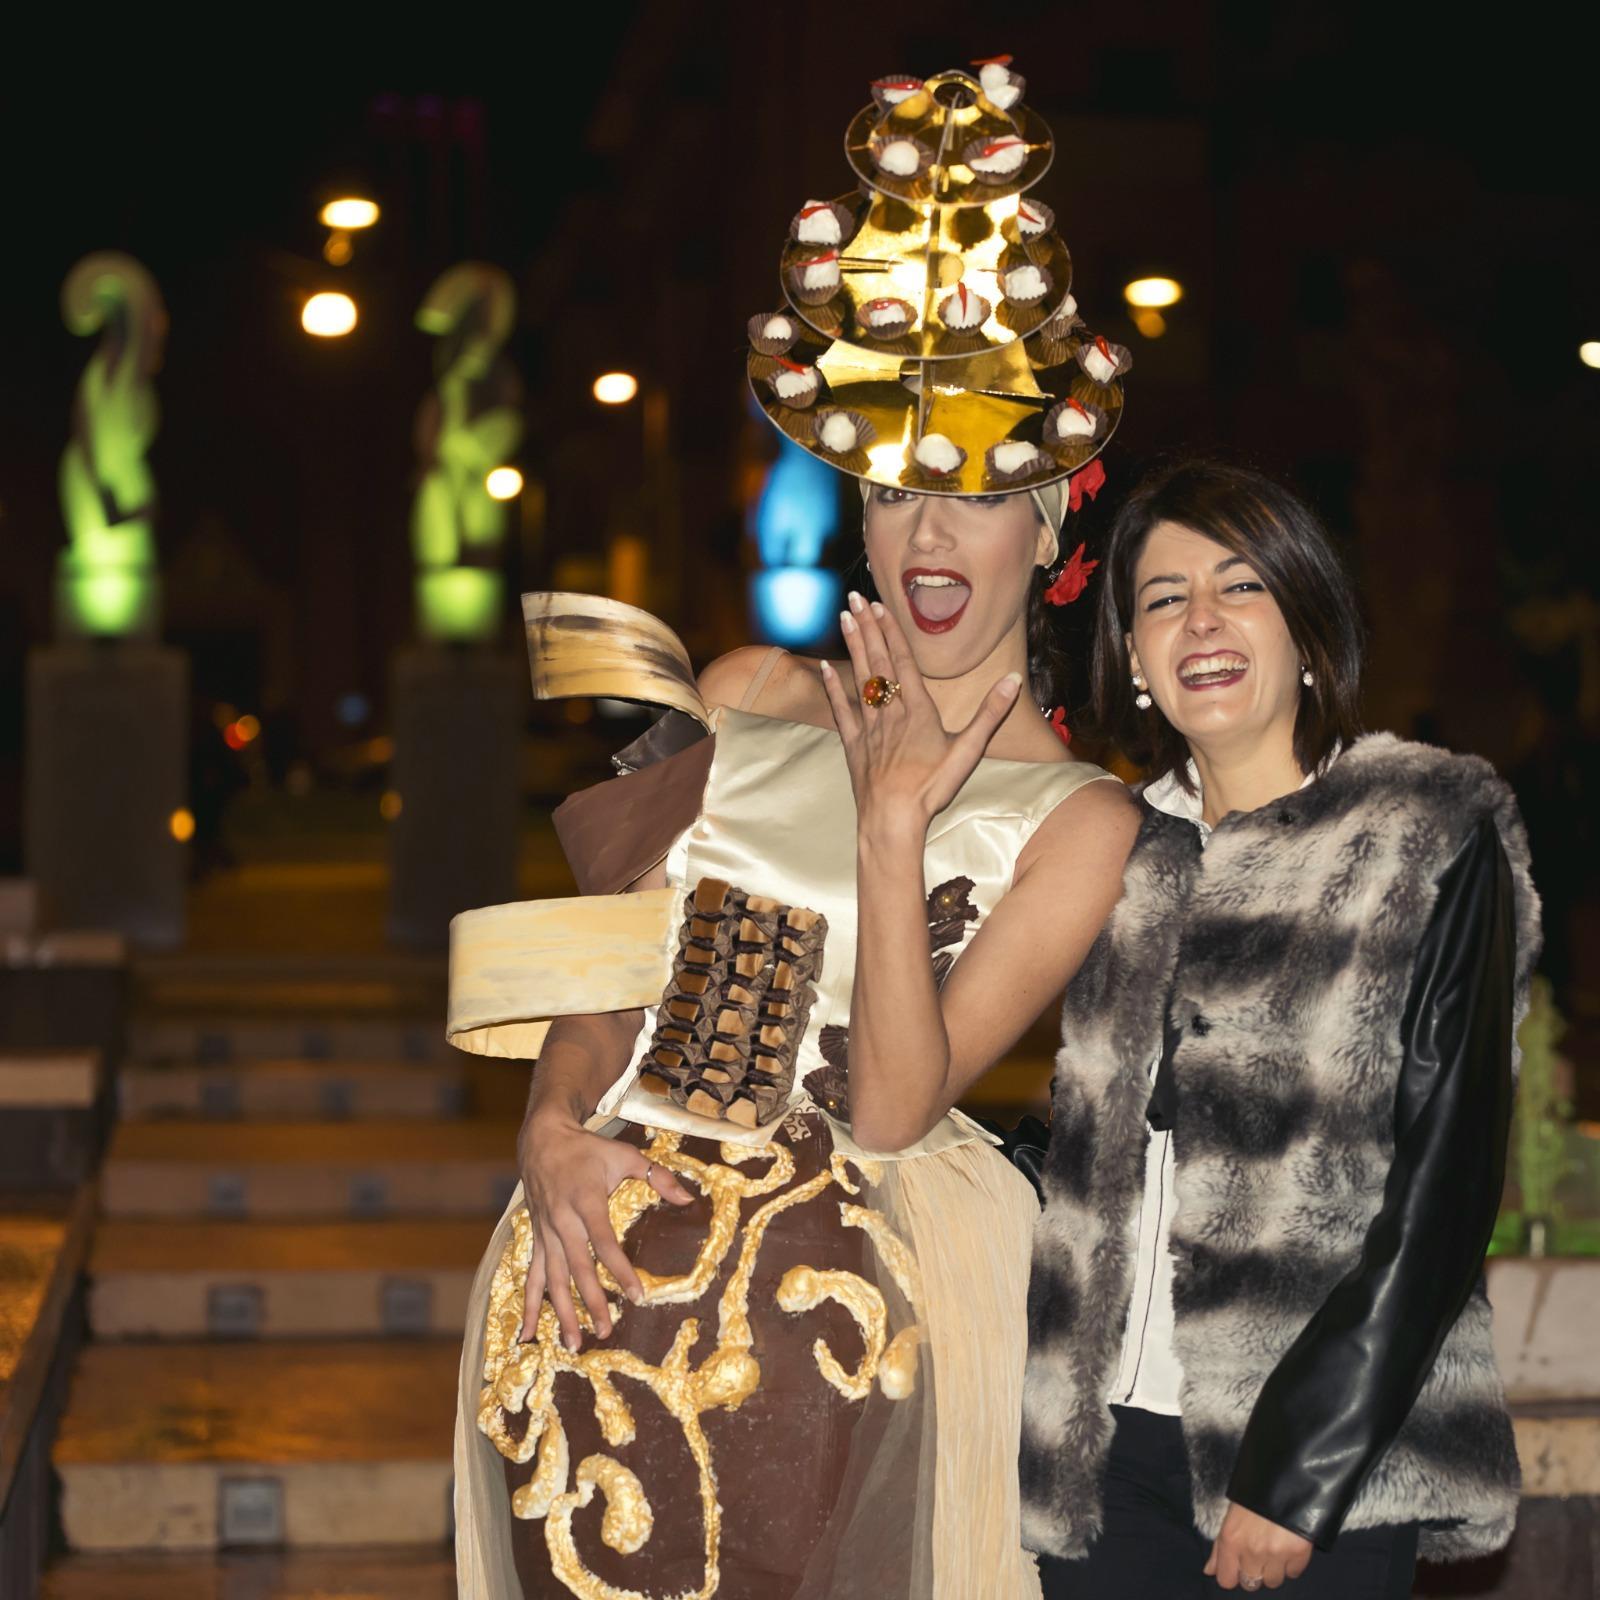 Il cioccolato e la moda: la stilista Conforto vince Fashion&Chocolate